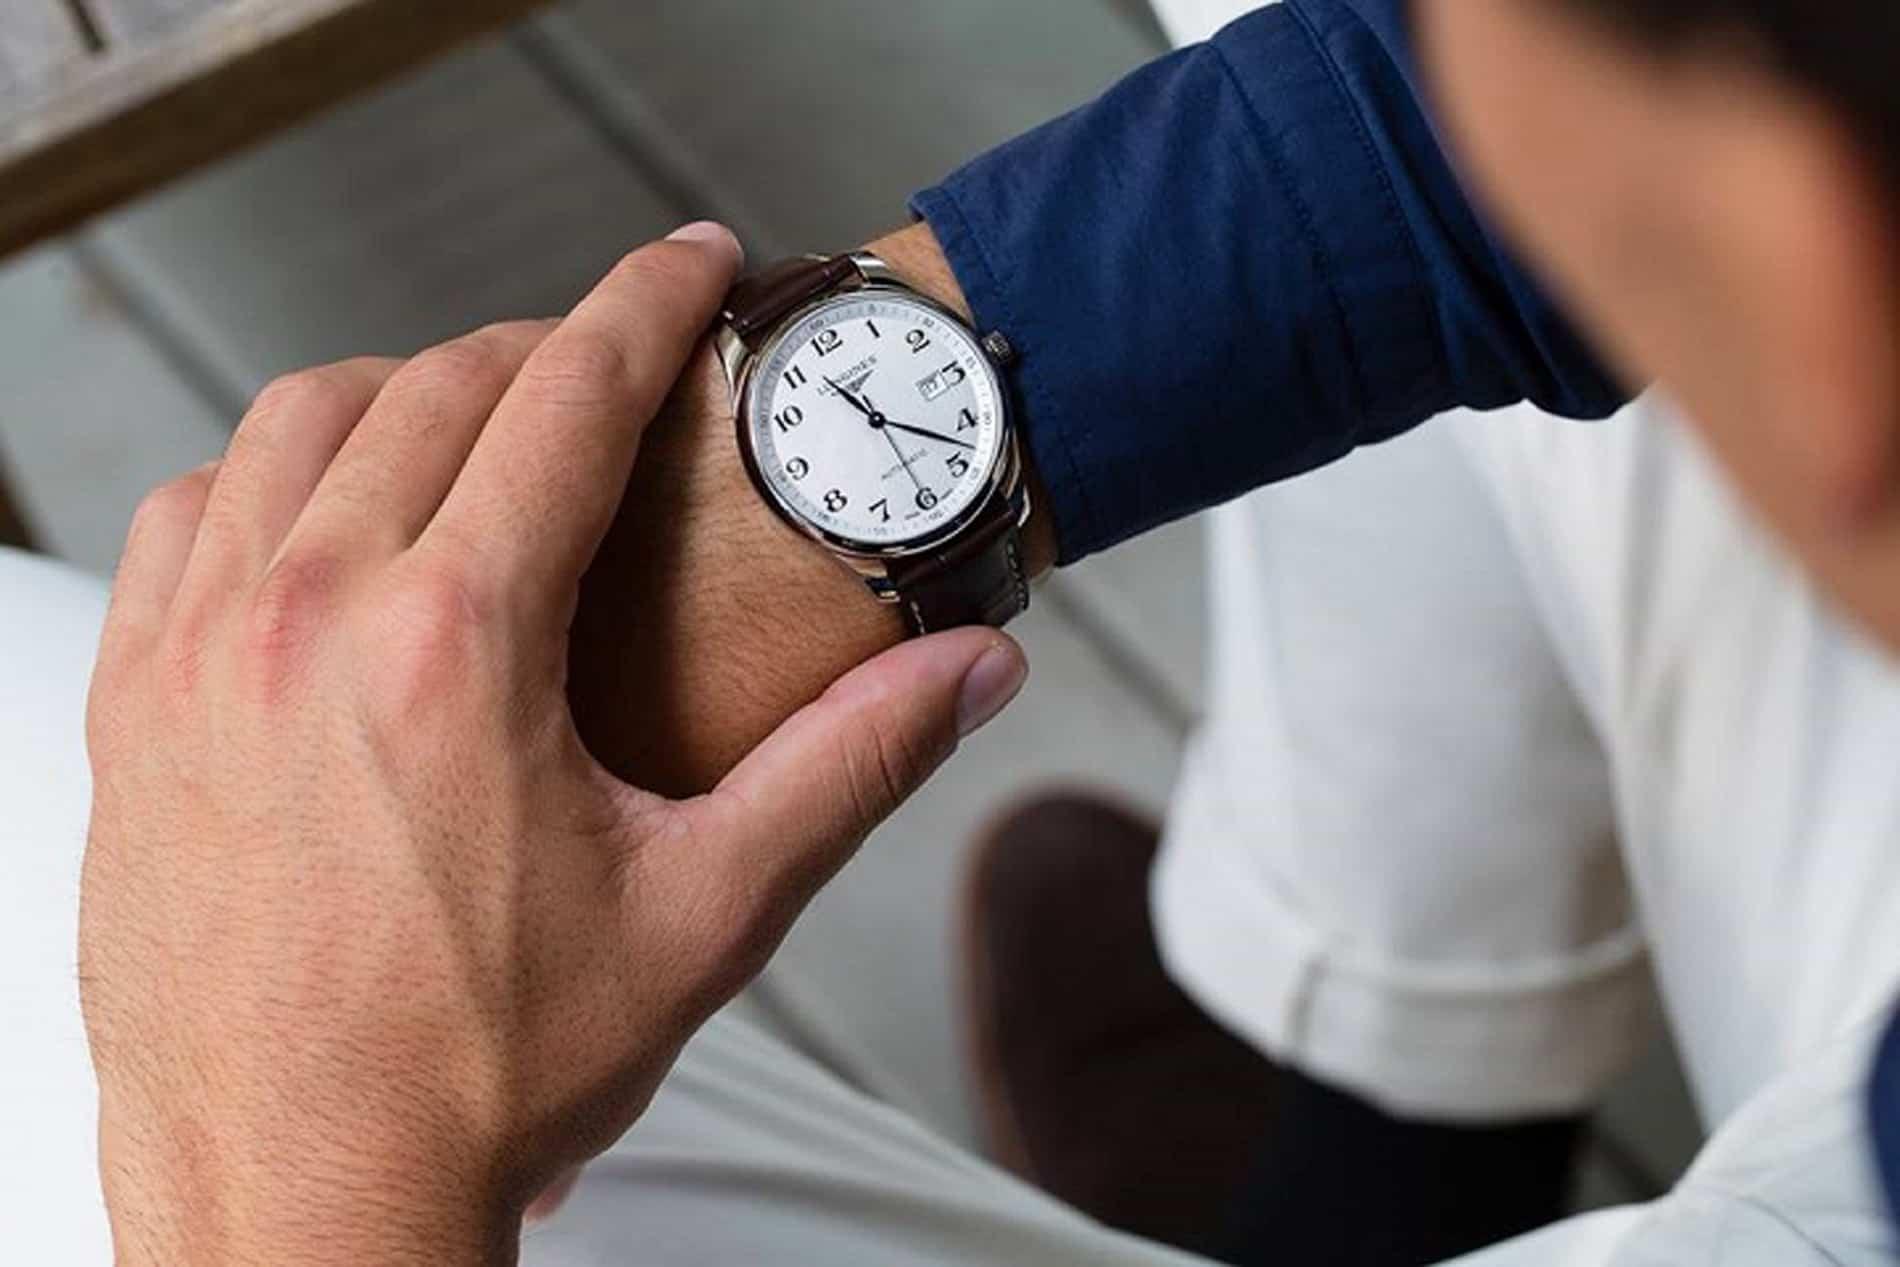 chỉnh cho đồng hồ cơ không chạy sai giờ